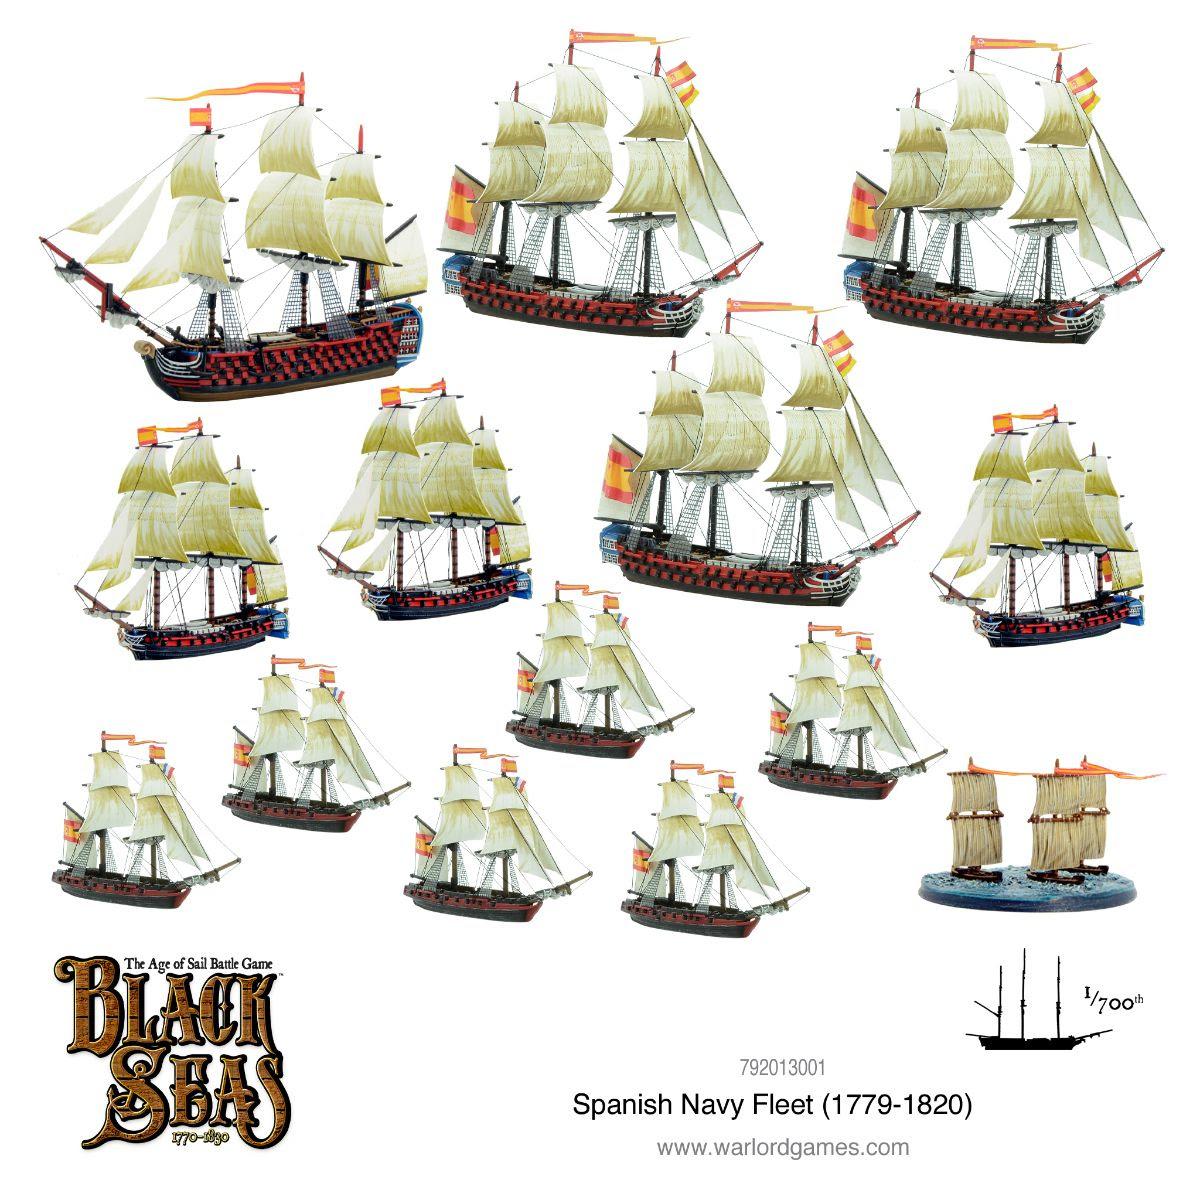 Spanish Navy Fleet (1779-1820)